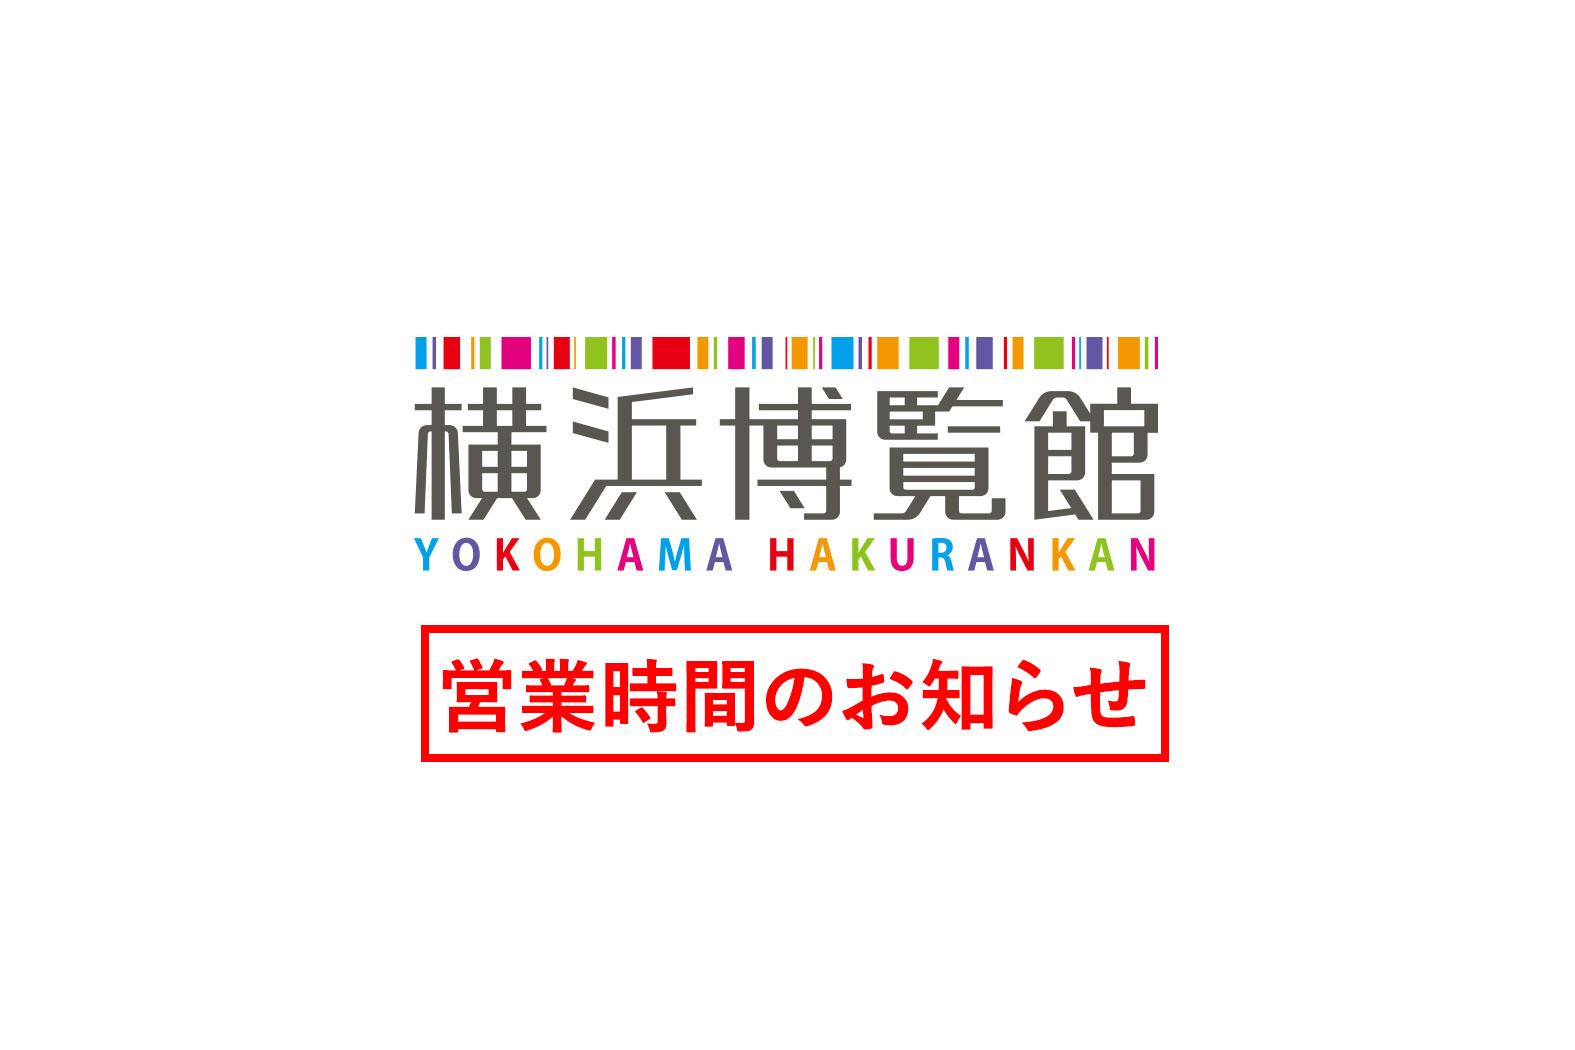 【博覧館からのお知らせ】